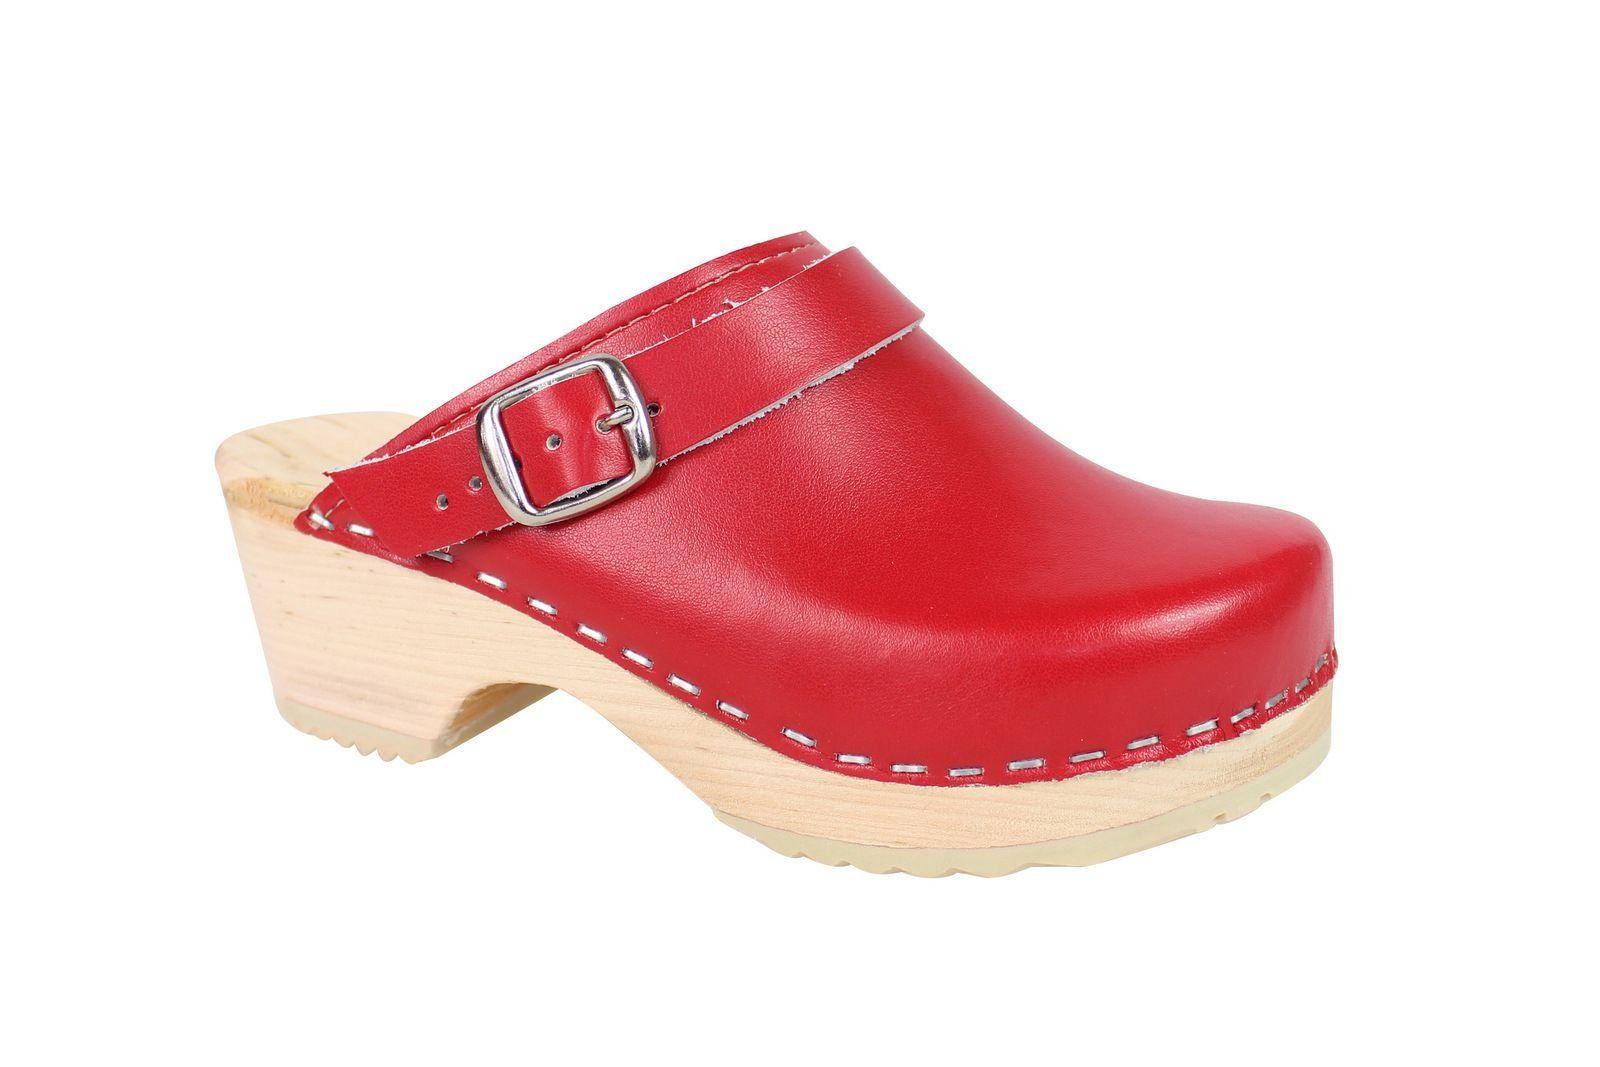 Little Lotta's Kids Classic Clogs in Red Main